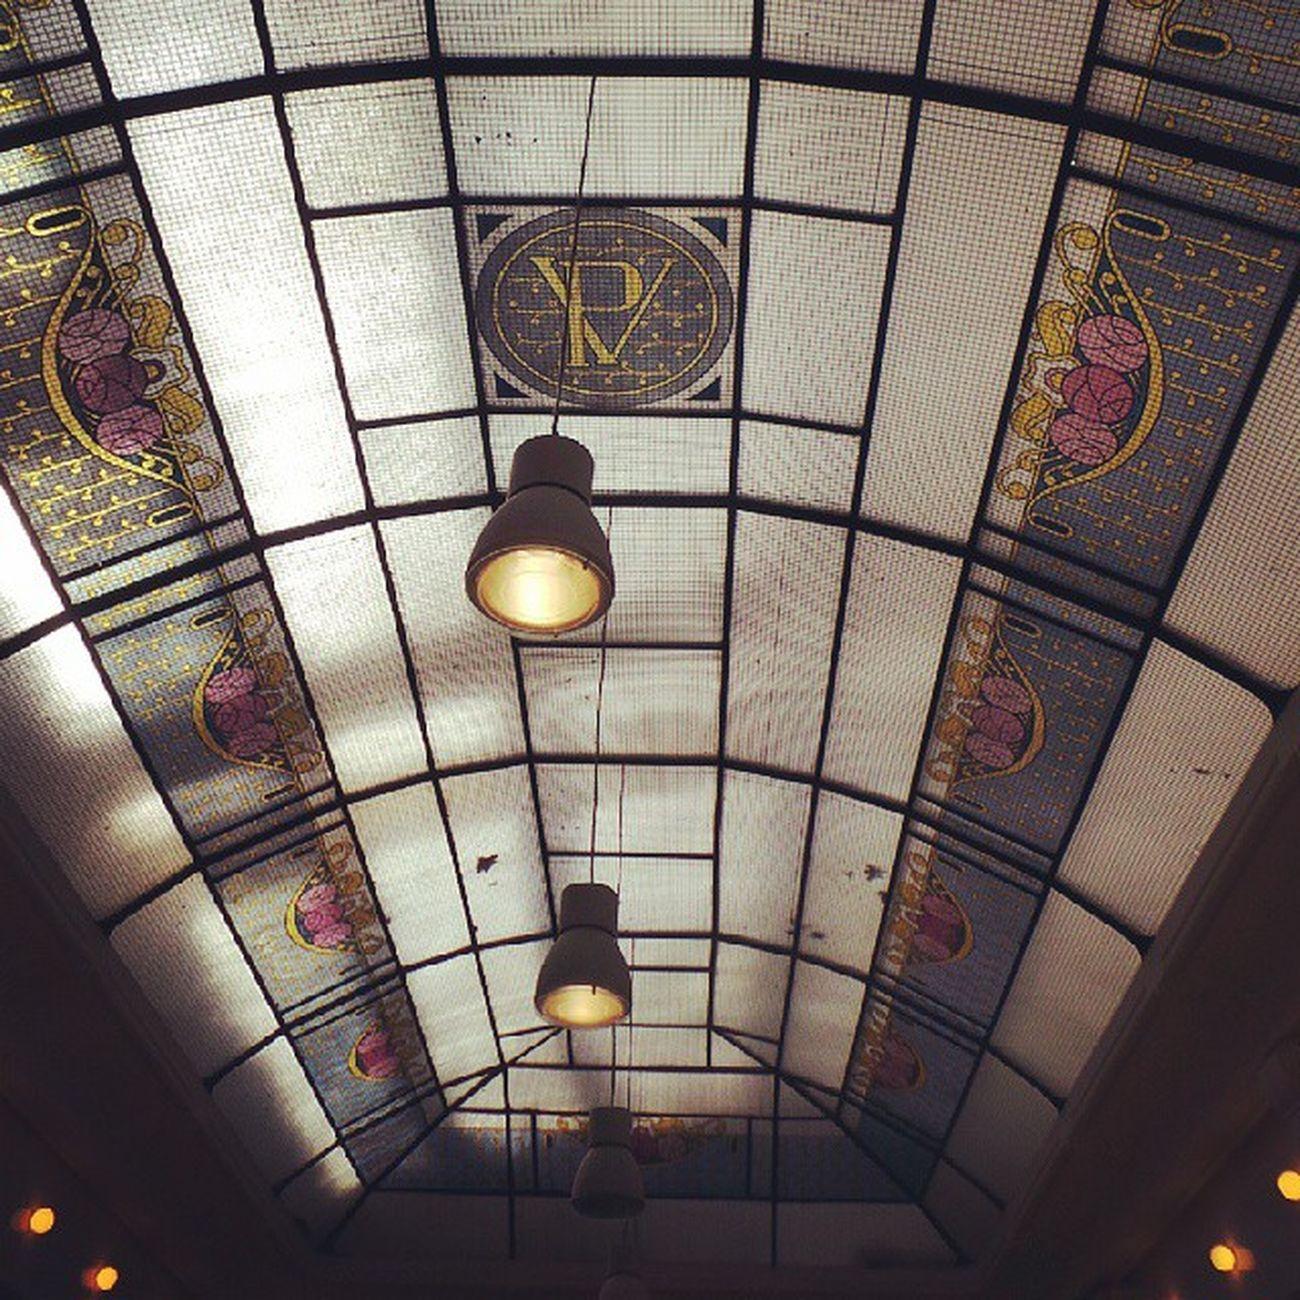 Magazin Soissons France Artnouveau Jugendstil Artemodernista